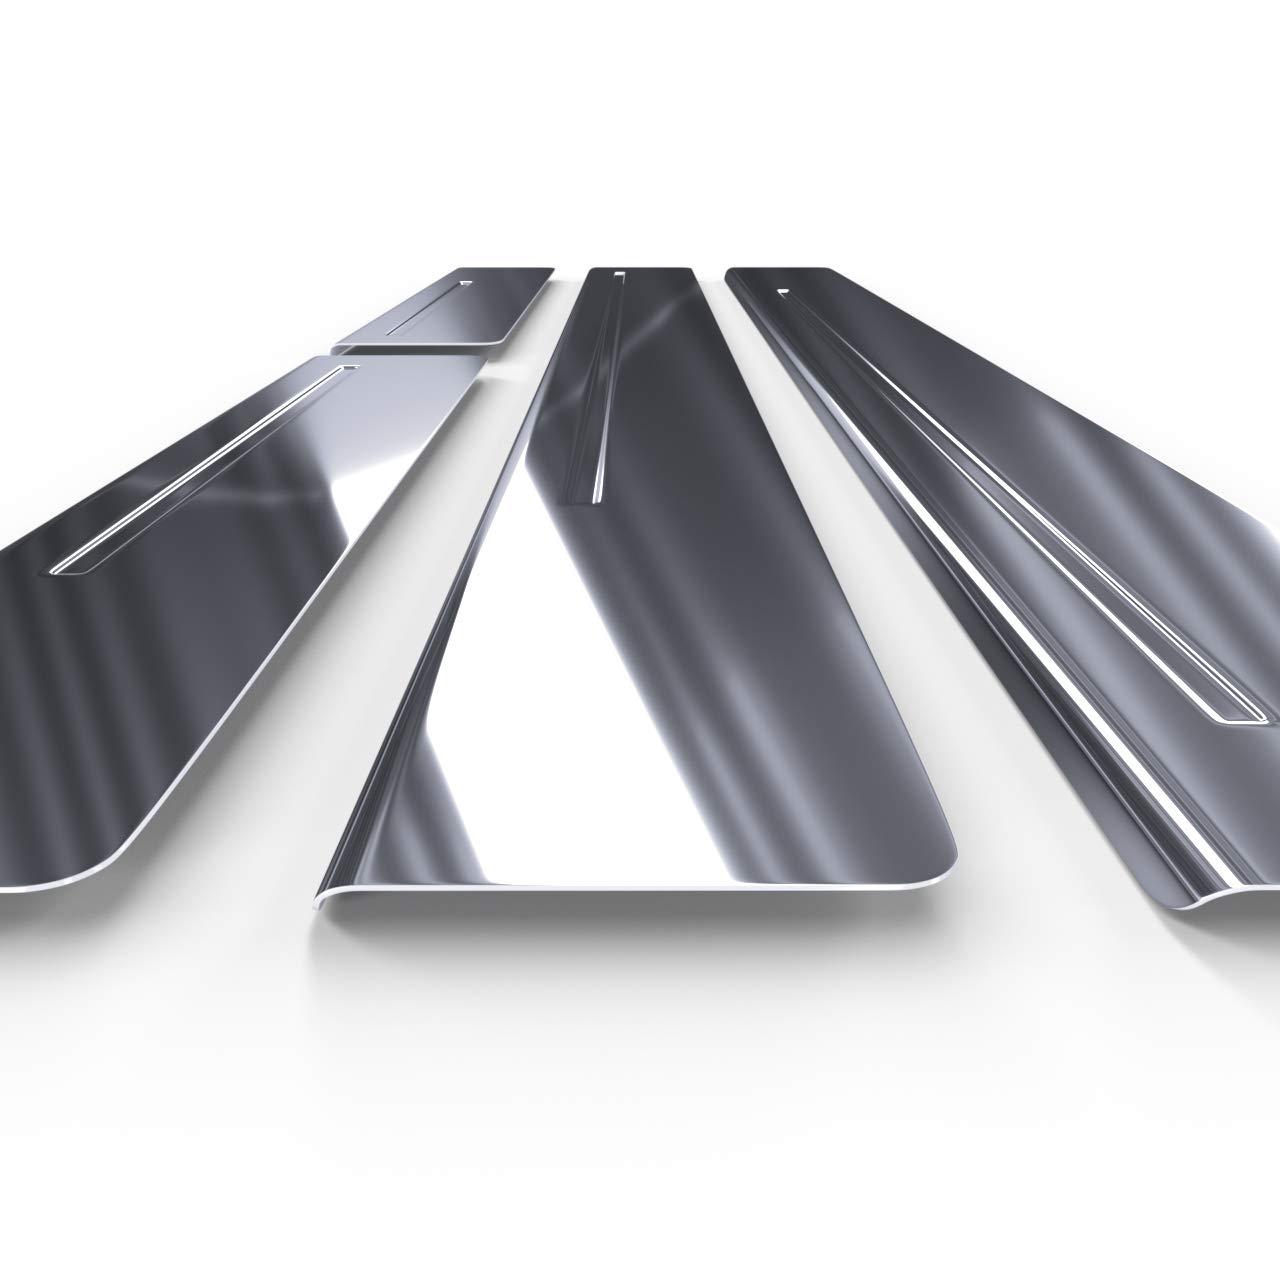 Glanz 4-teilig 5902538675420 silber Auto Einstiegsleisten Set Edelstahl